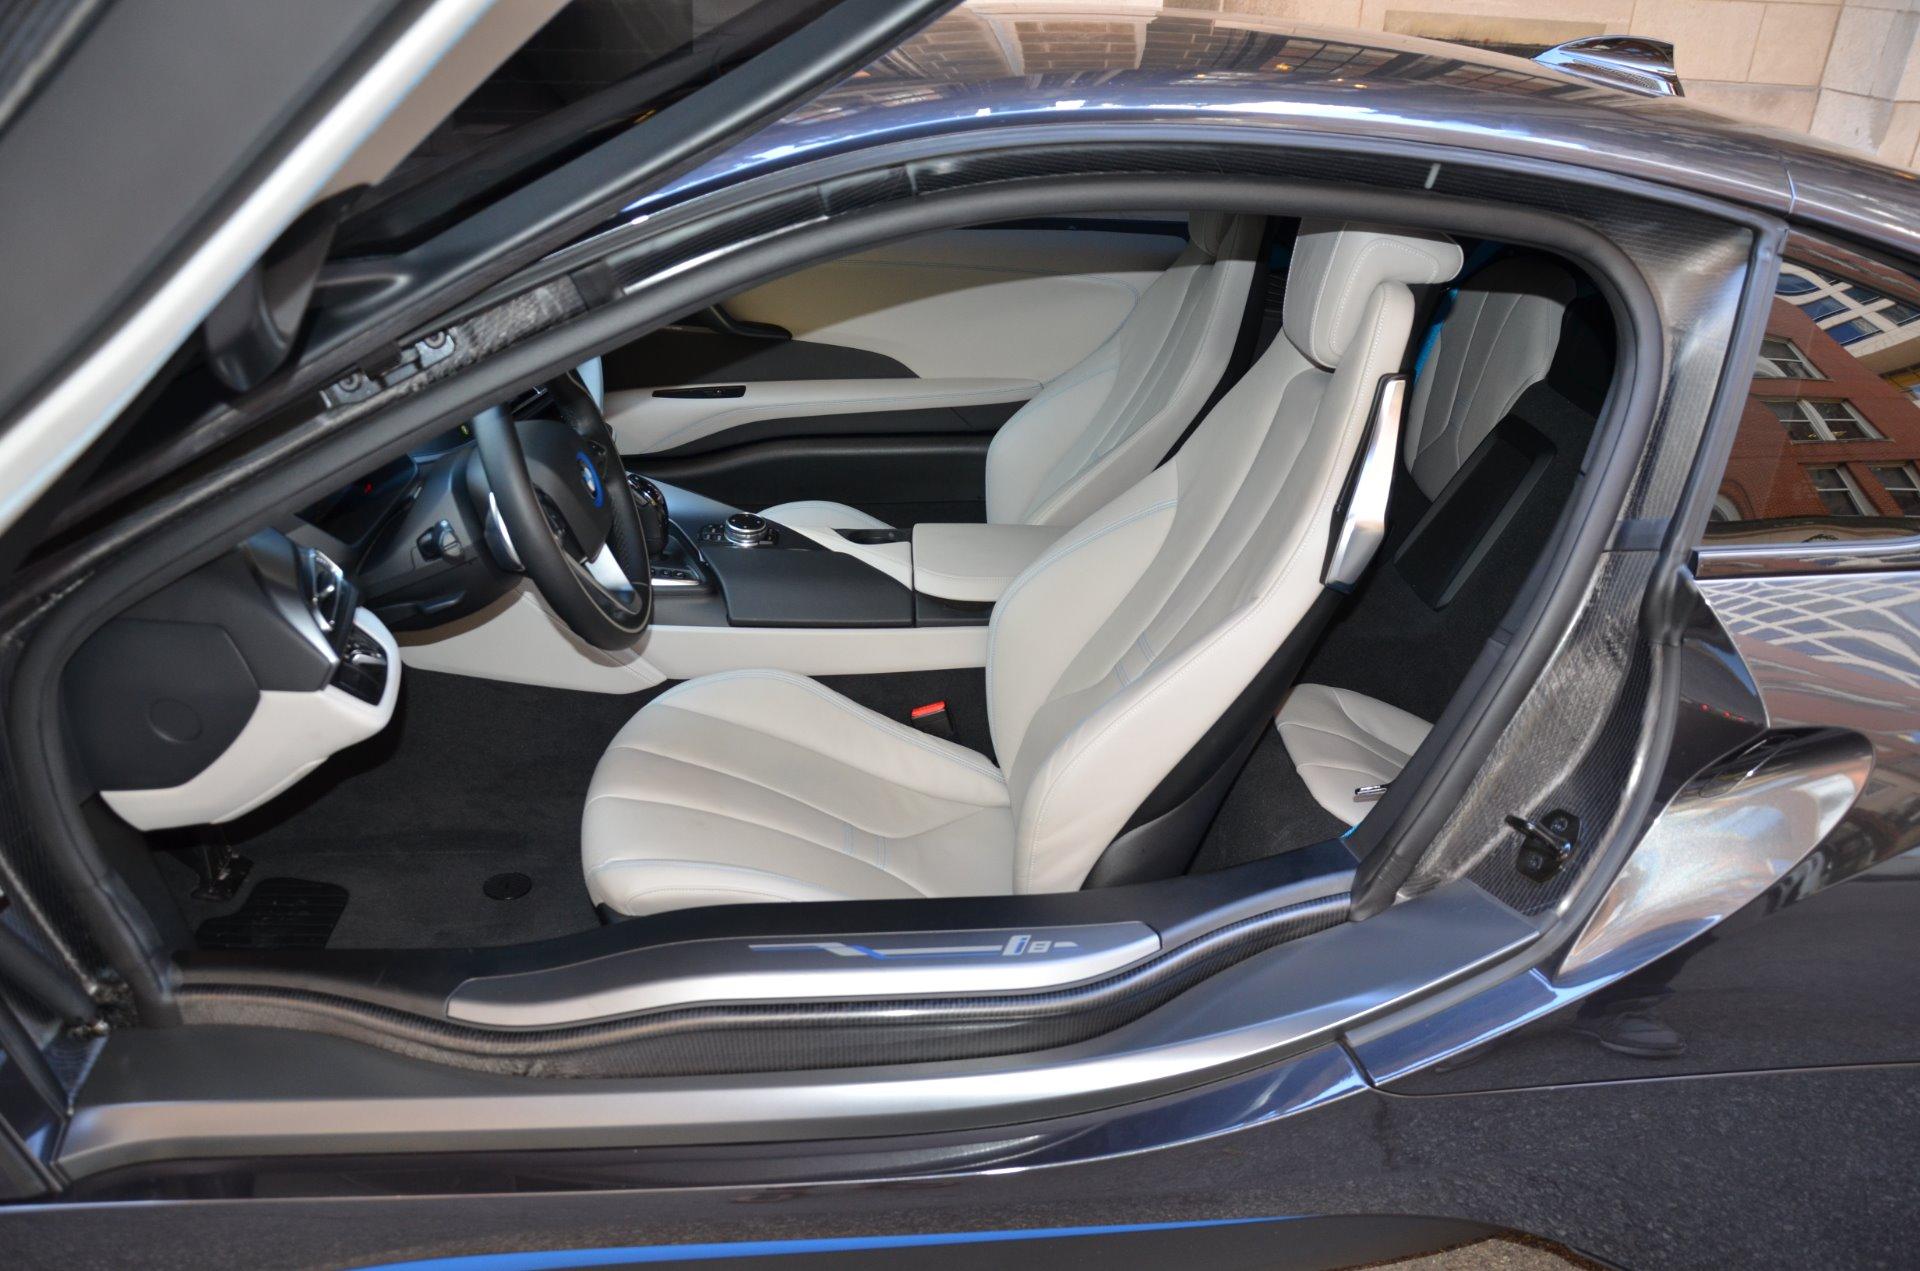 BMW I Stock LAB For Sale Near Chicago IL IL BMW Dealer - 2015 bmw i8 coupe price